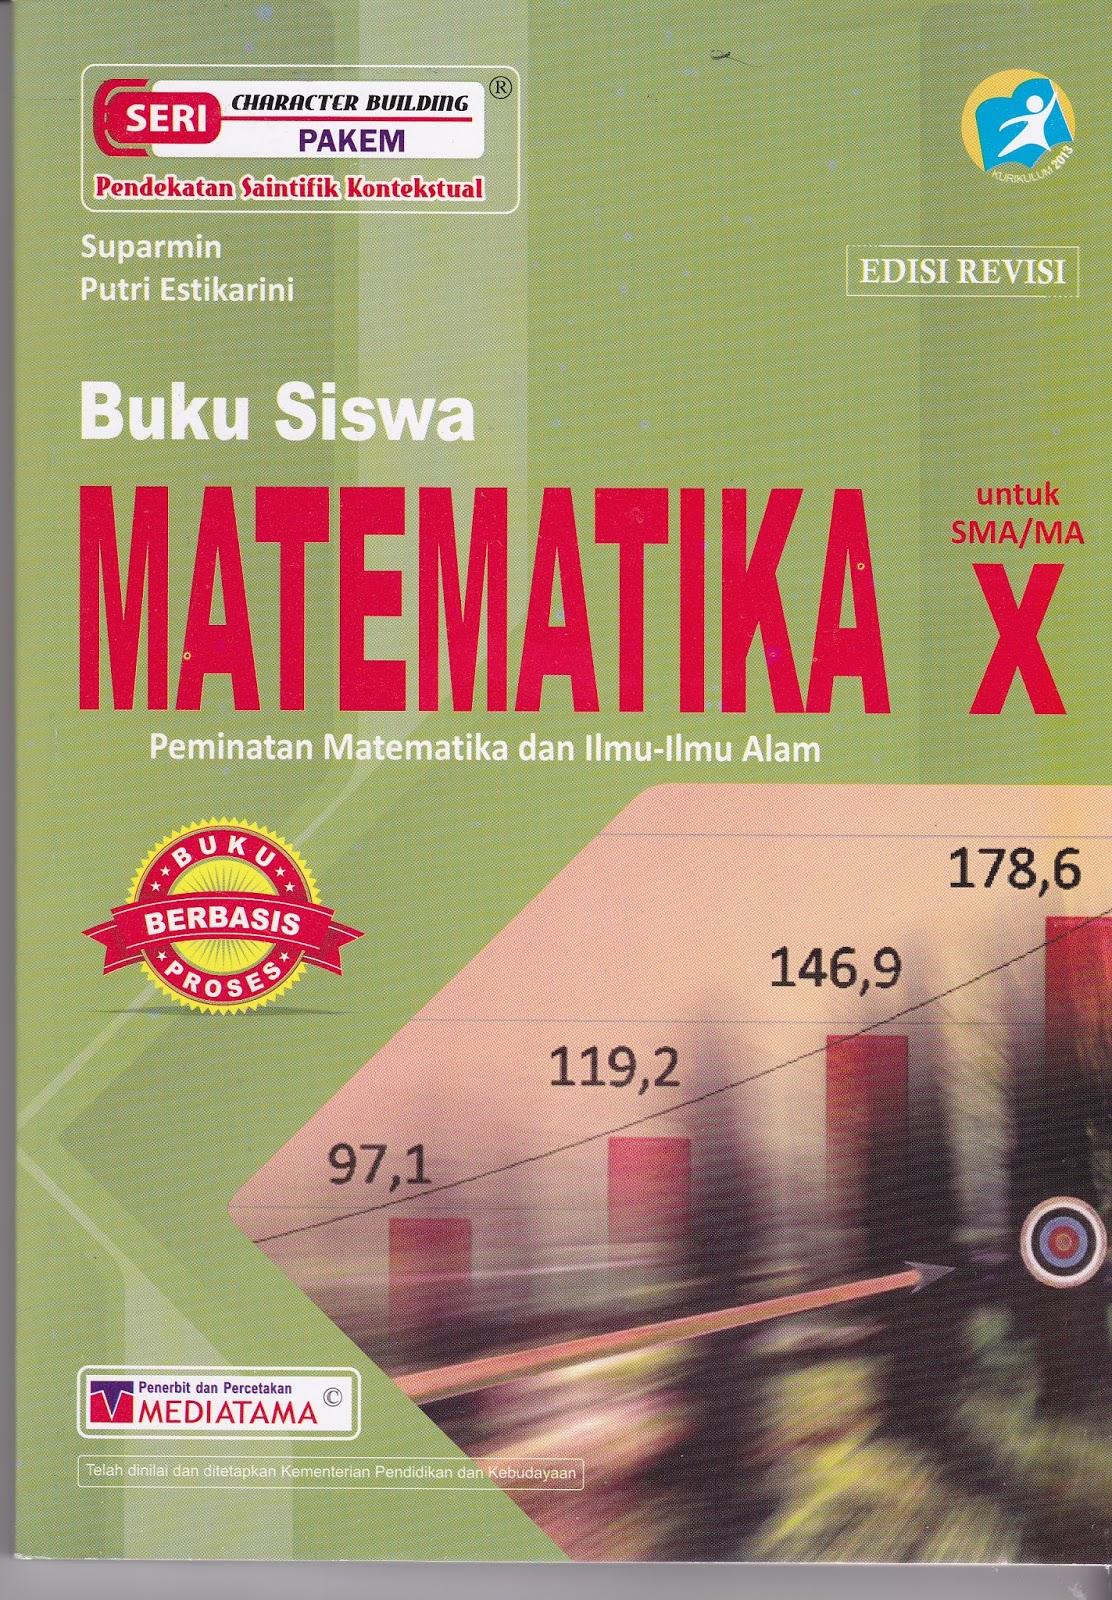 Buku Matematika Peminatan Kelas 10 Pdf : matematika, peminatan, kelas, Resensi], Siswa, Matematika, Peminatan, Kelas, Edisi, Revisi